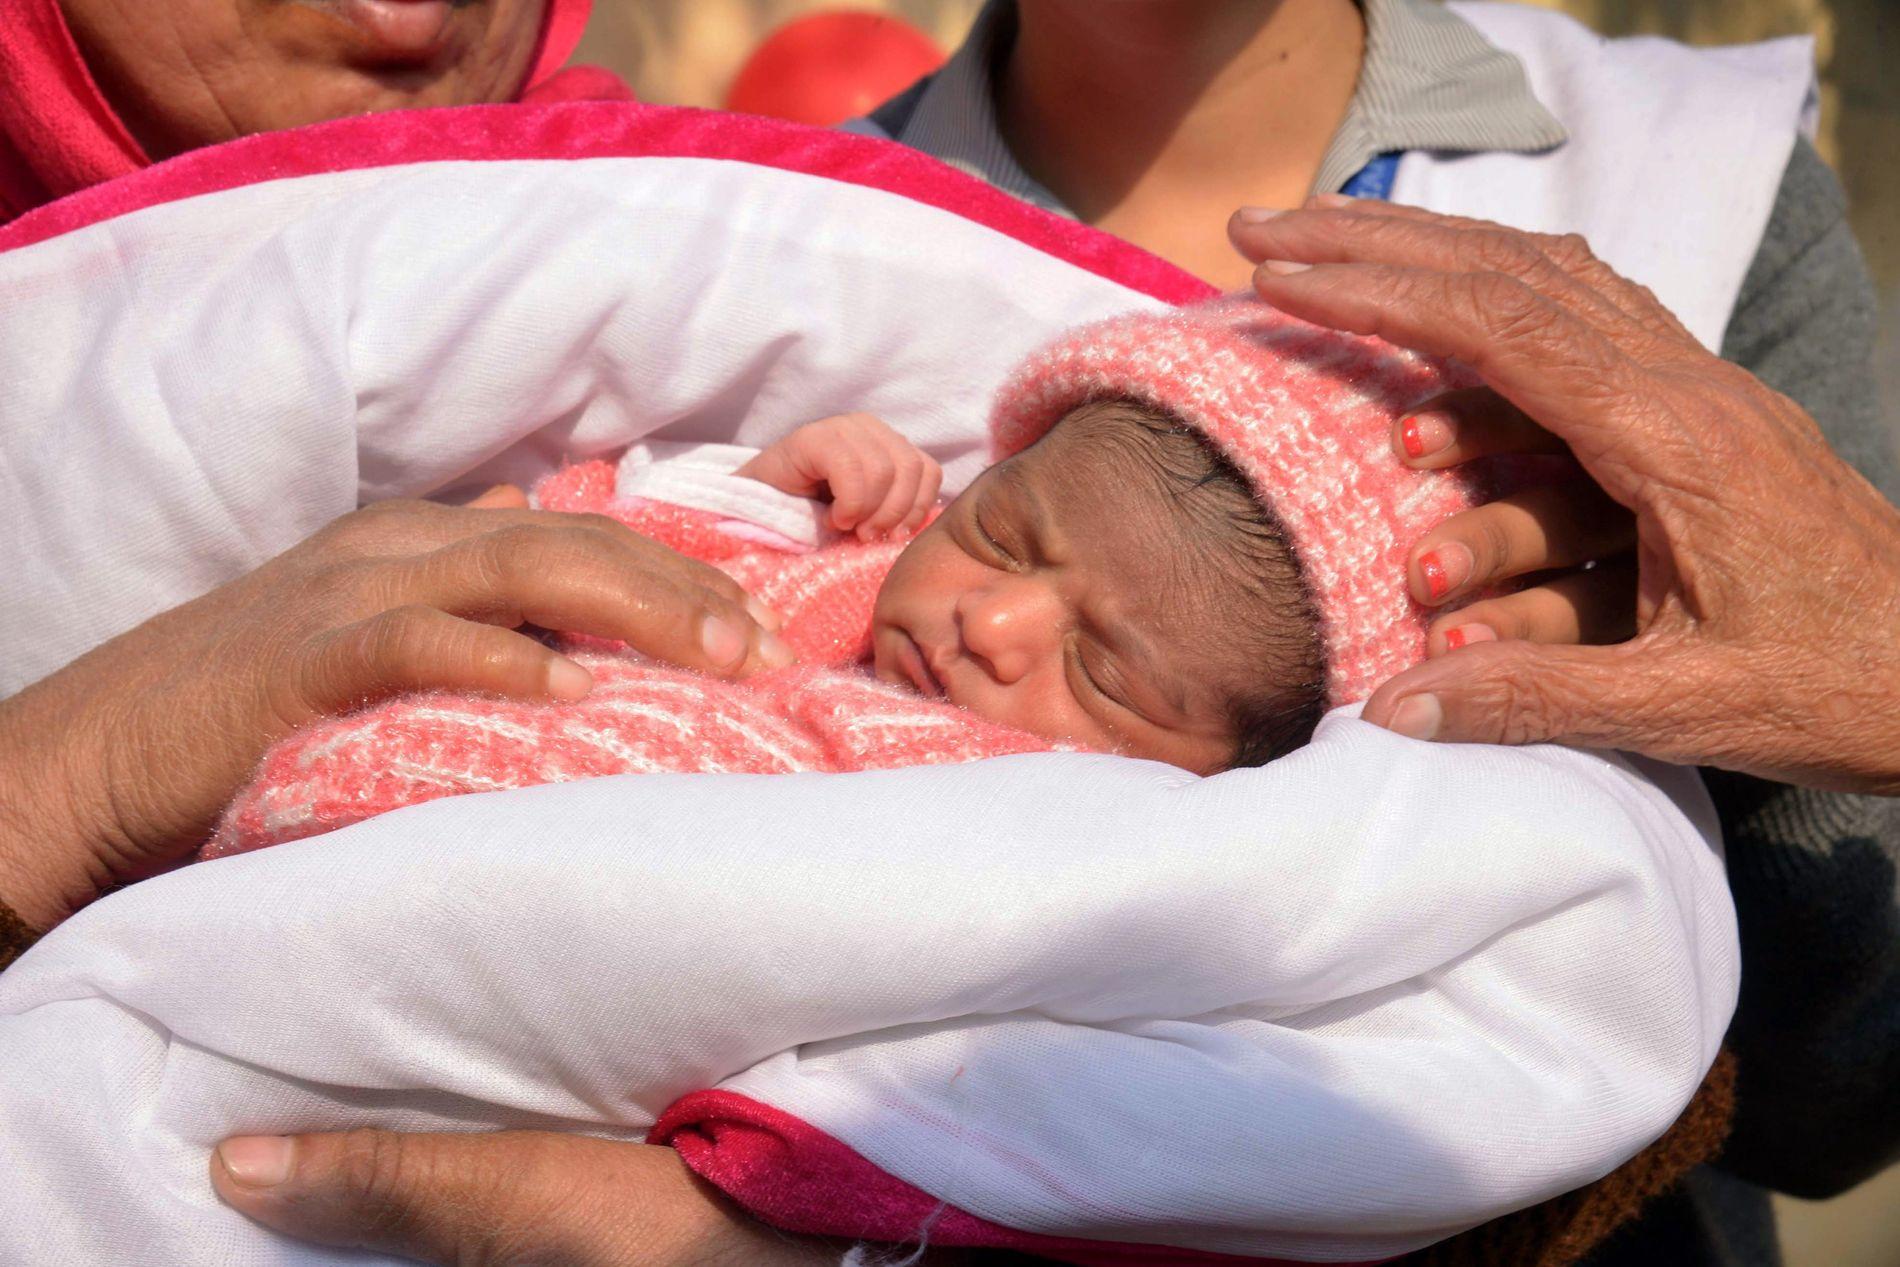 FUNNET I EN BOKS: Denne lille jenta ble etterlatt av foreldrene i en boks hos indiske Røde Kors i Amritsar i 2016.